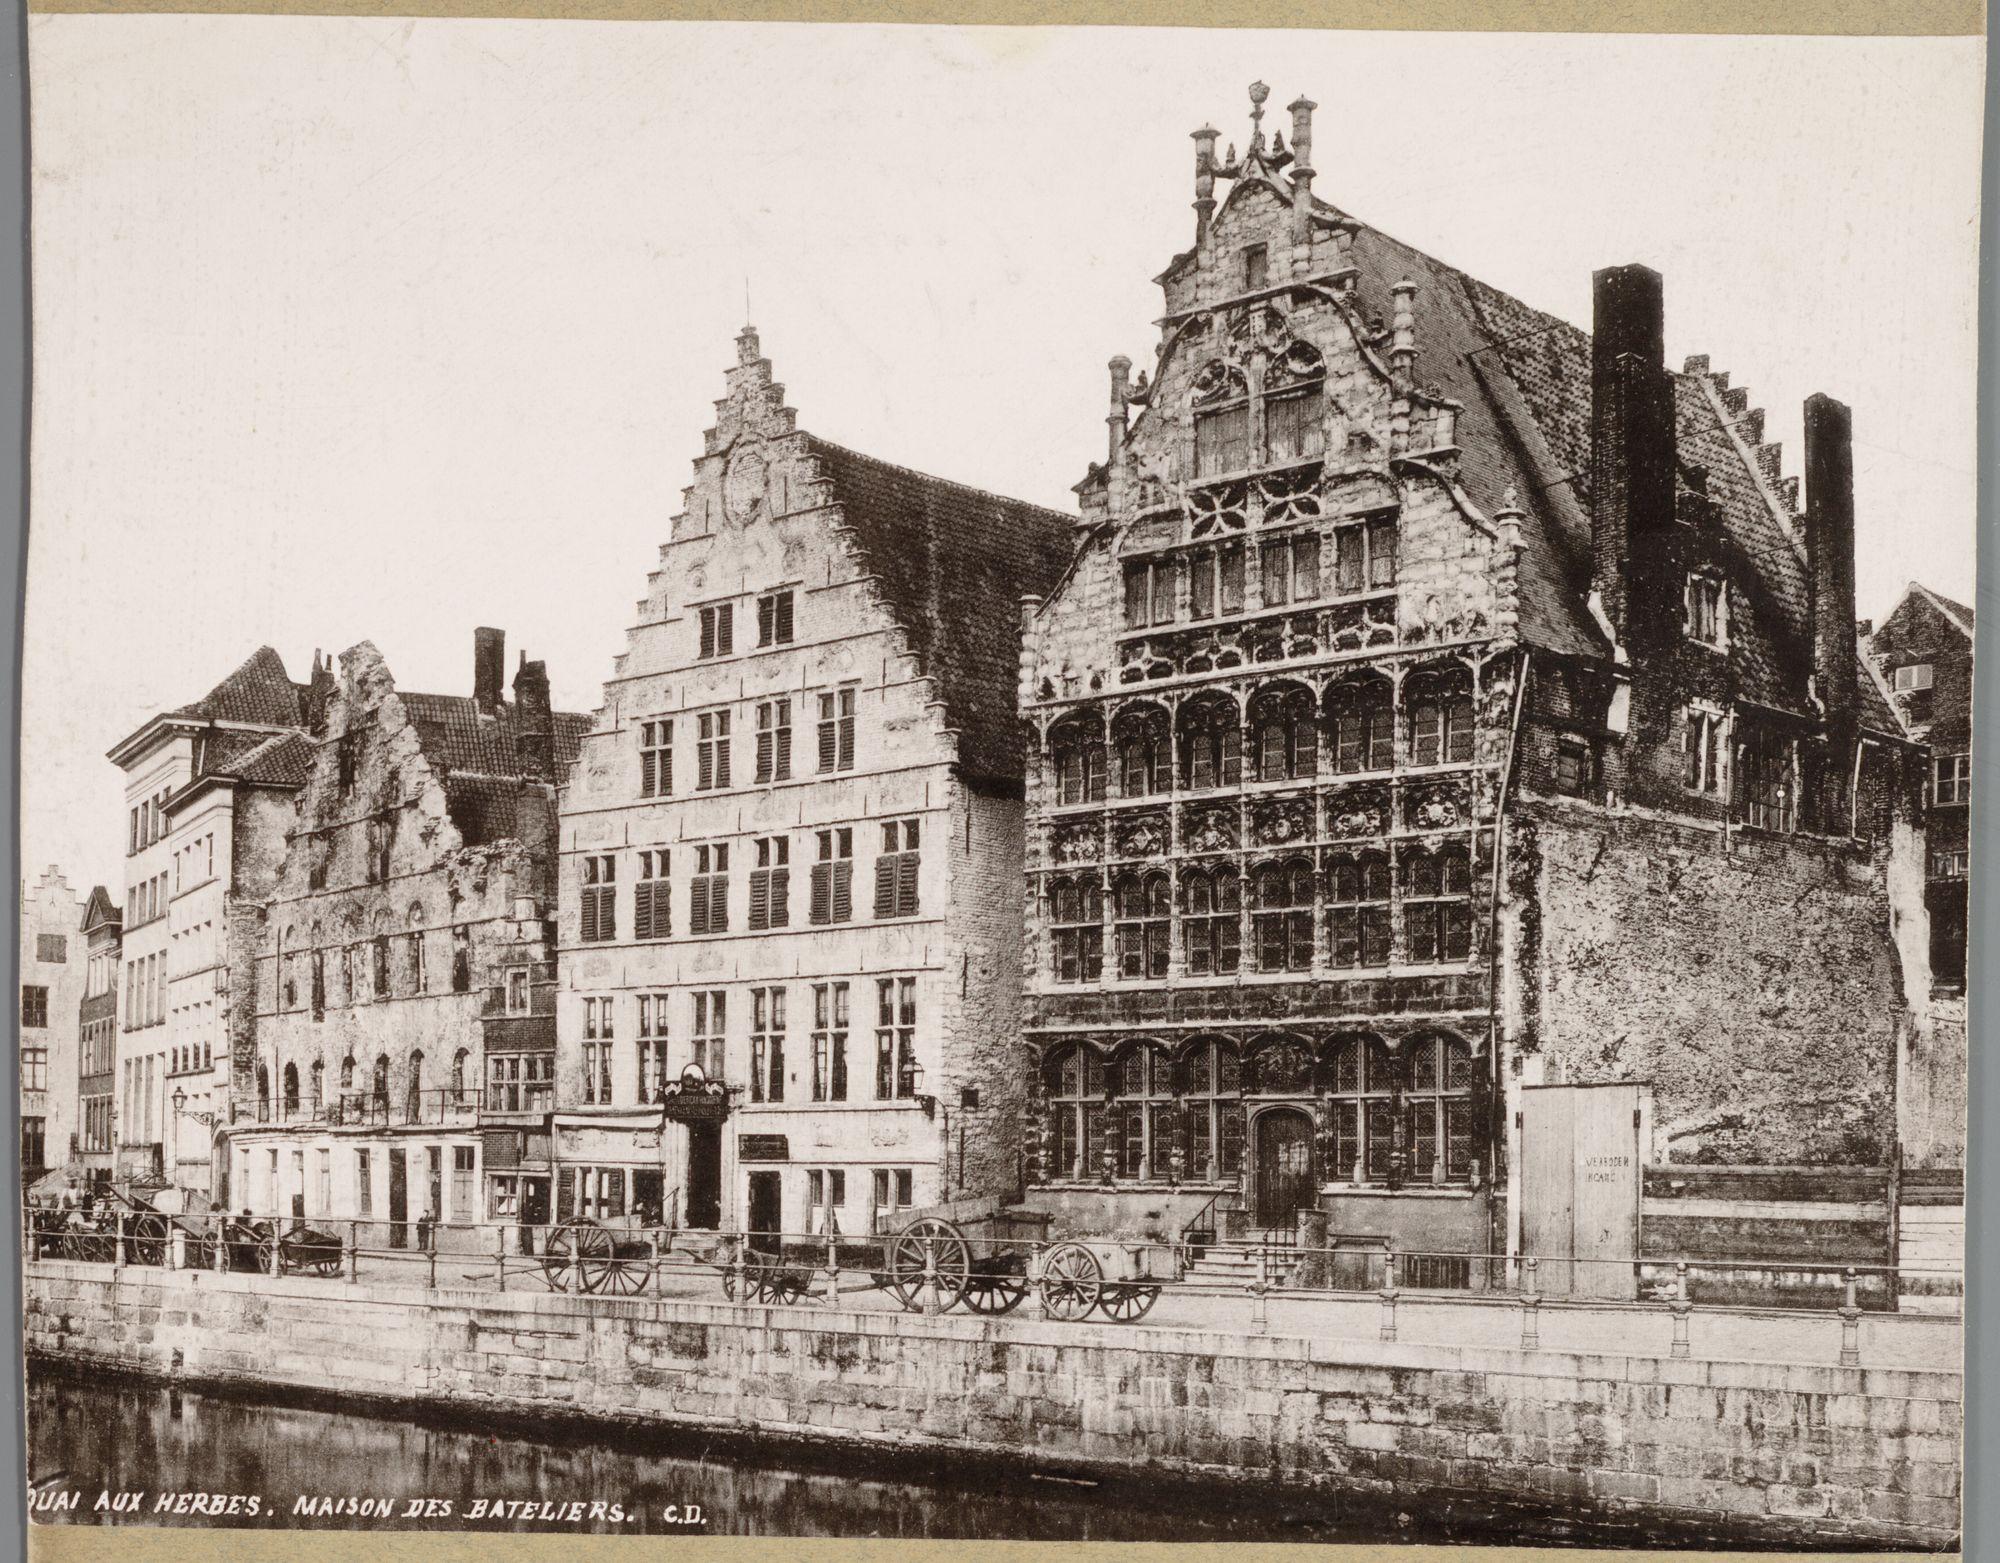 Gent: Korenmetershuis en Schippershuis, Graslei